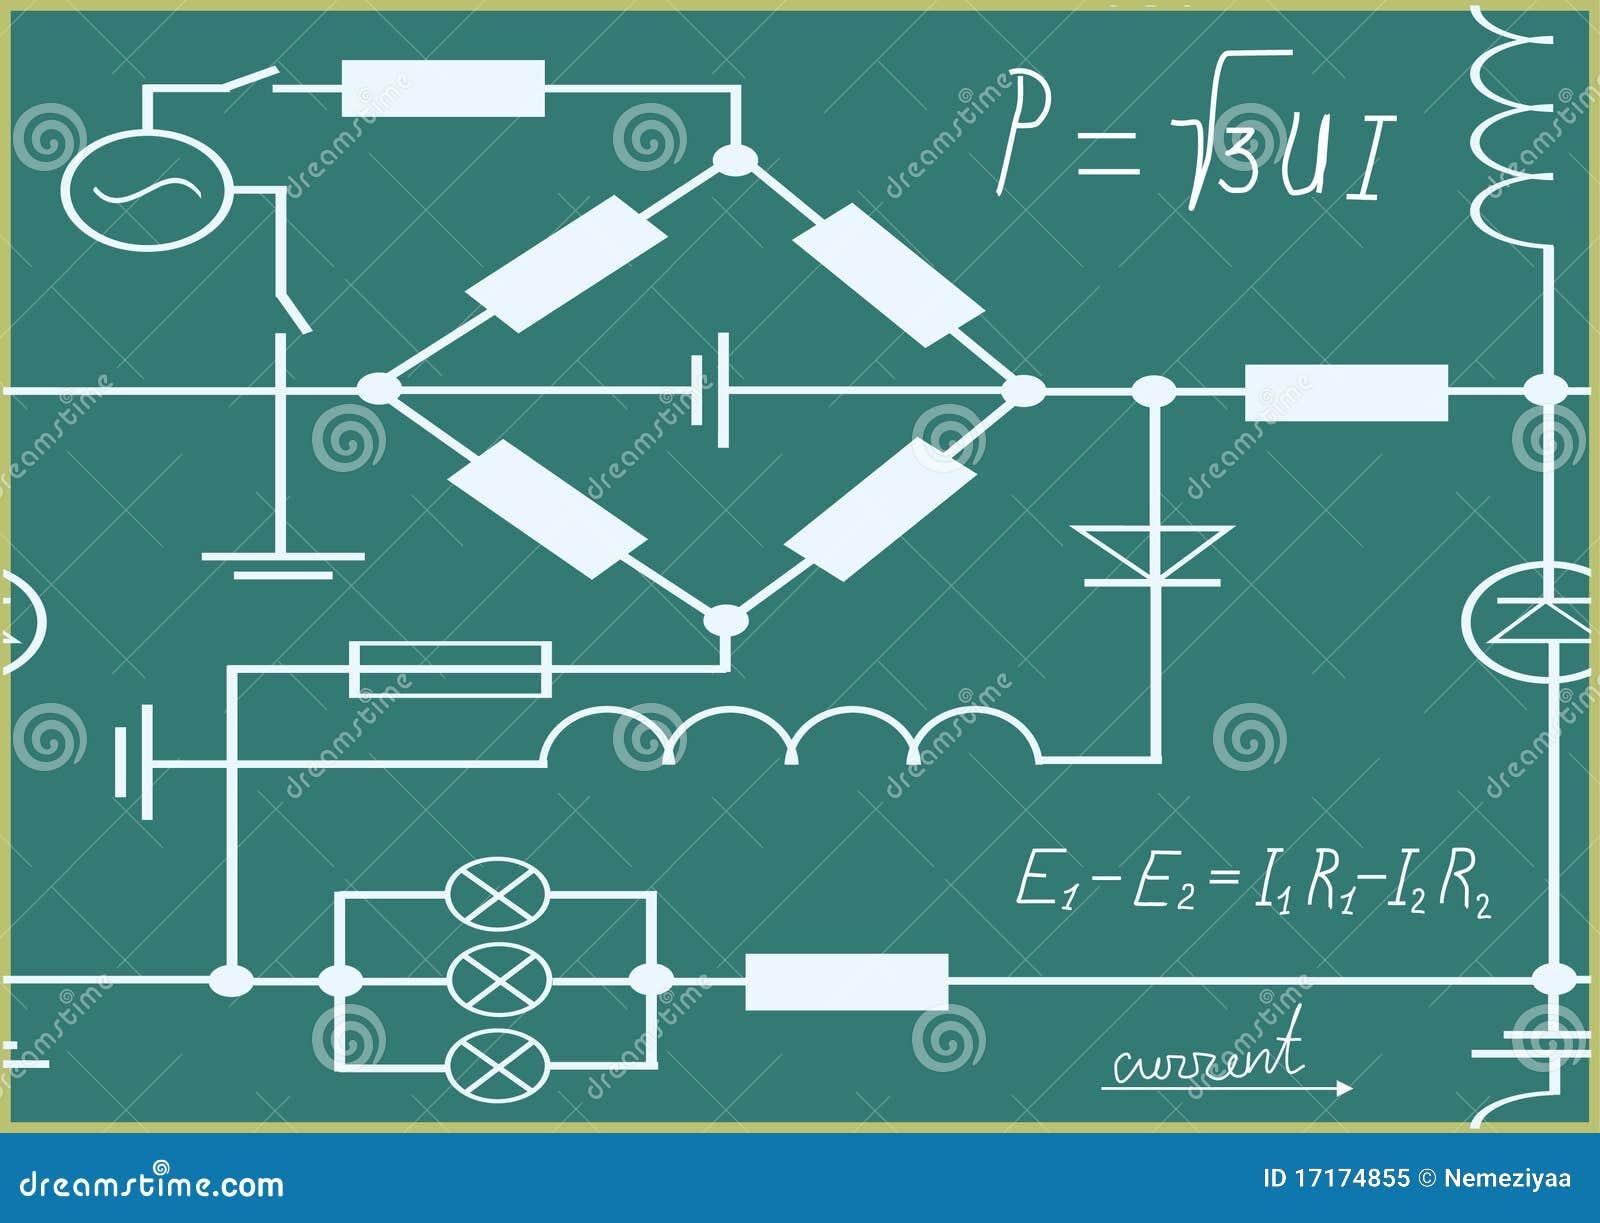 Grafiken, Diagramm Und Formeln Von Elektrizität. Vektor Abbildung ...